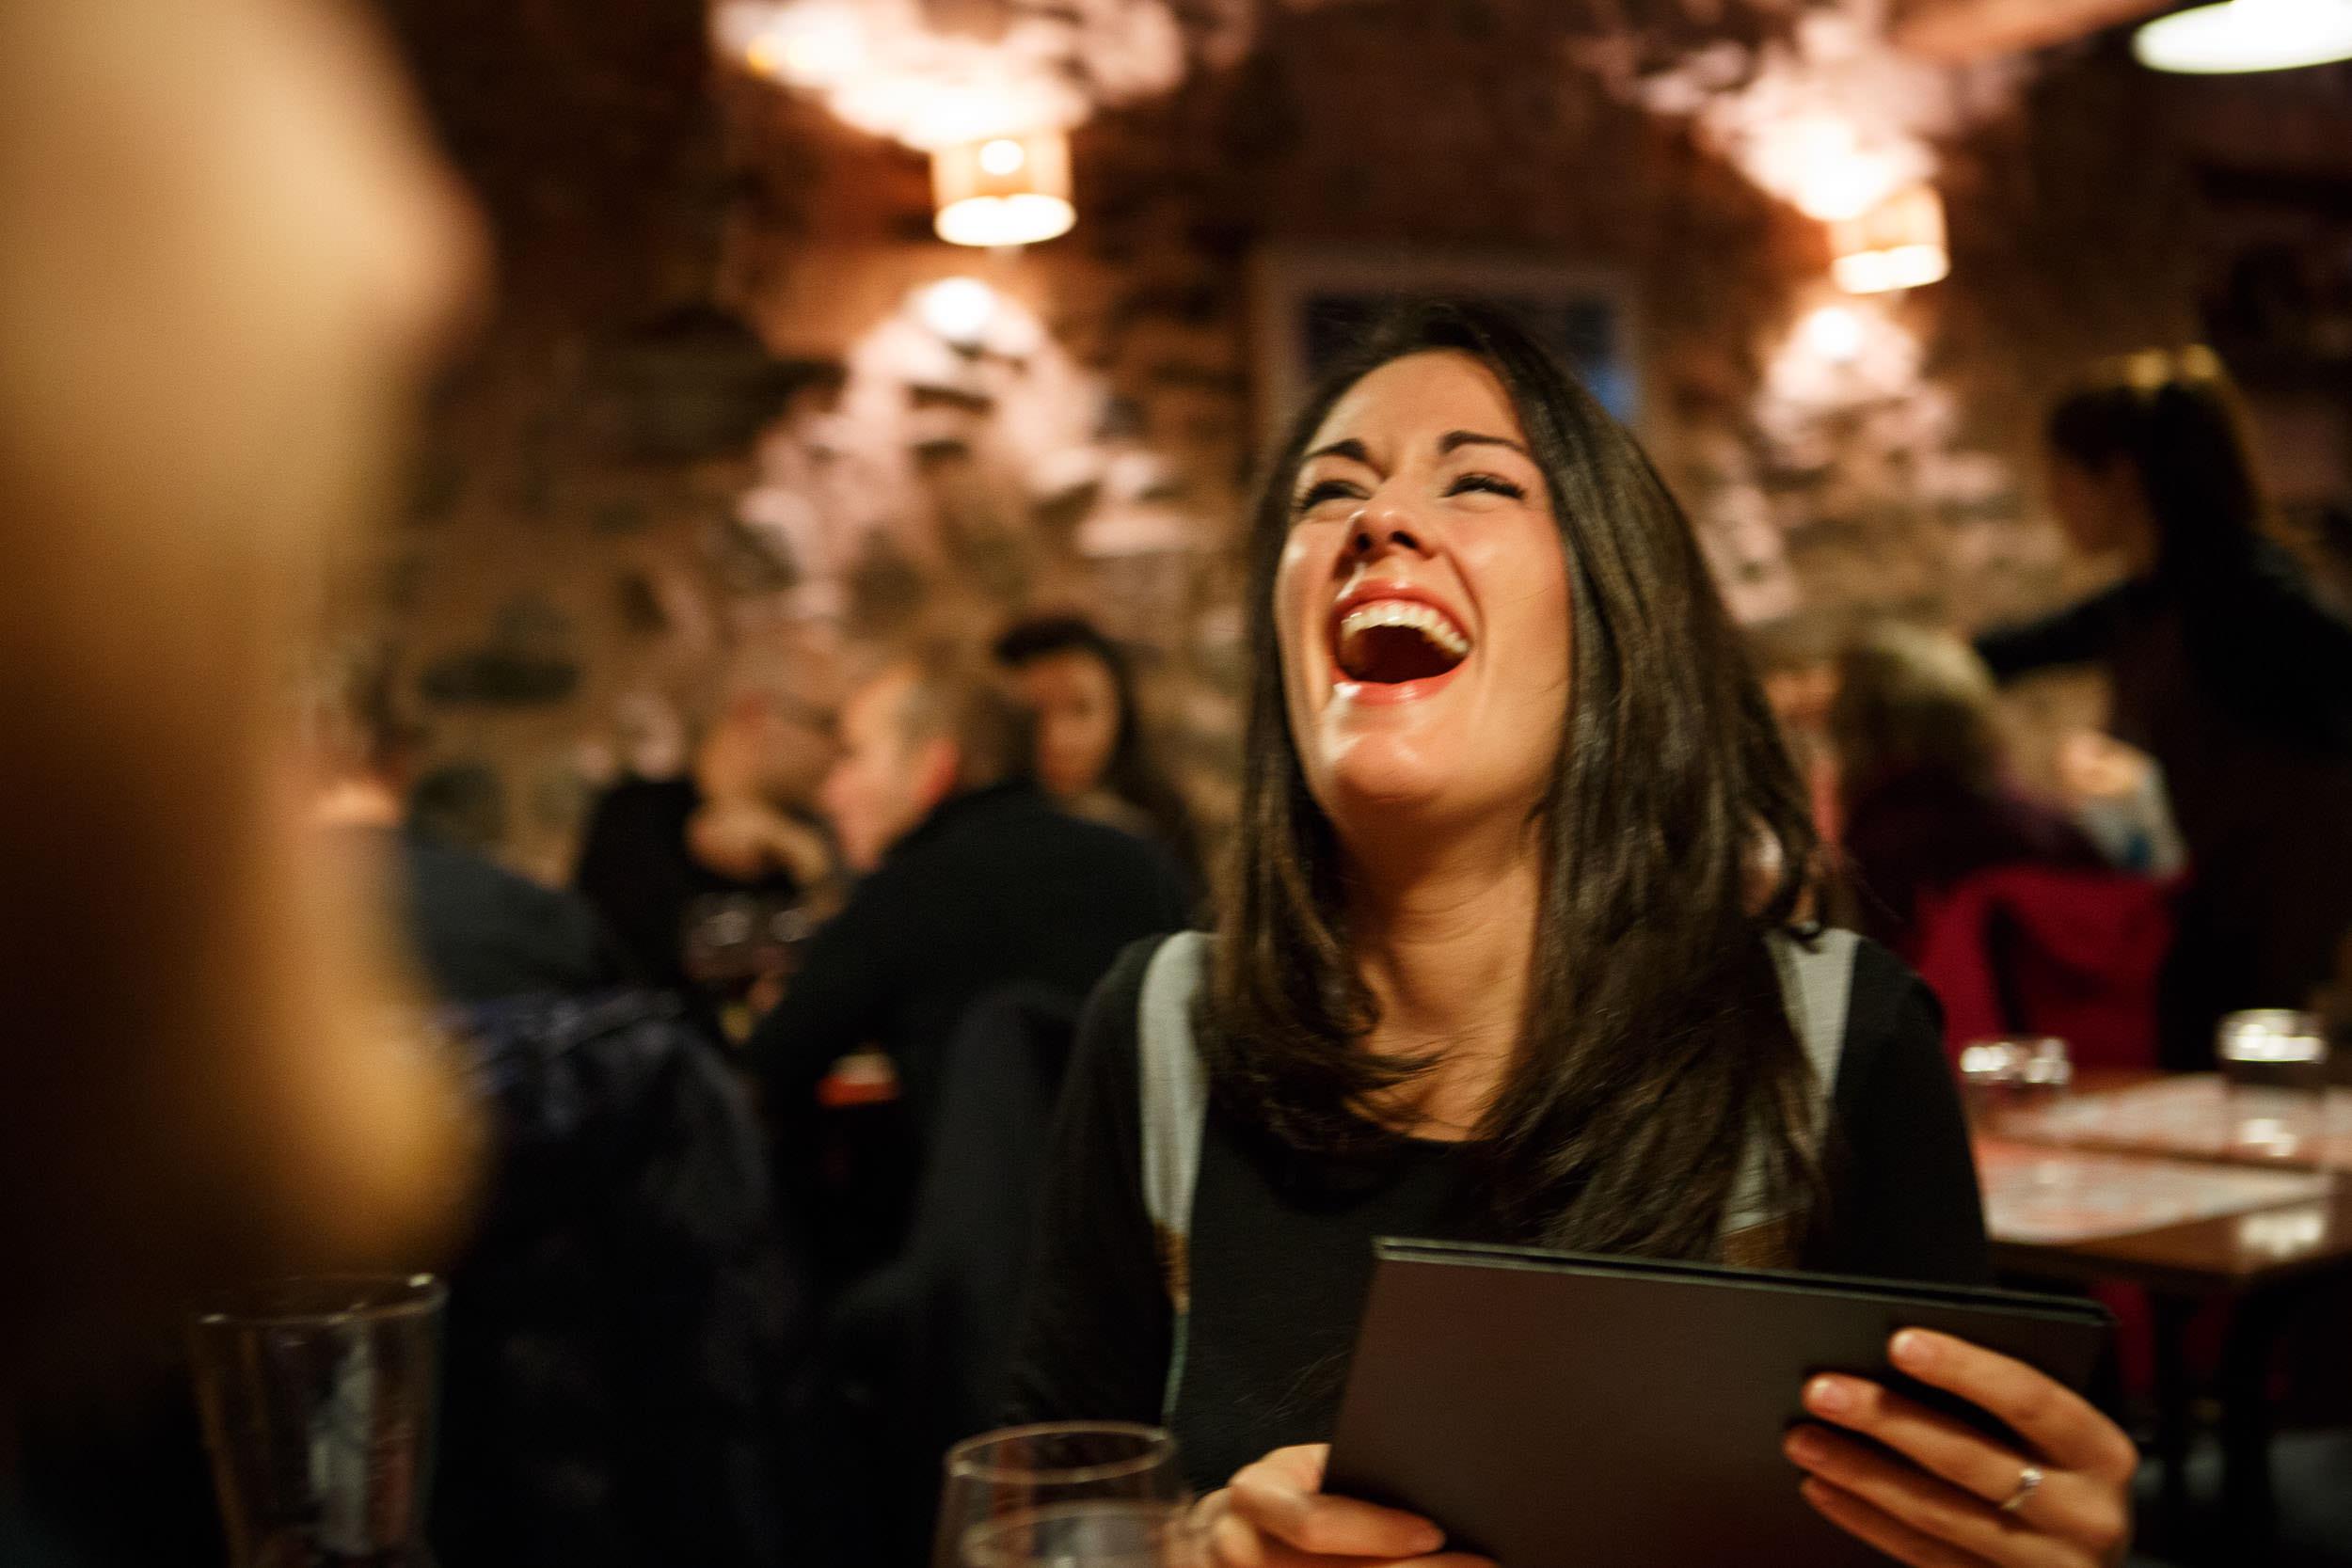 Fotografia Comercial La Rioja España | Hotel Echaurren Ezcaray - James Sturcke  Photographer | sturcke.org_012.jpg